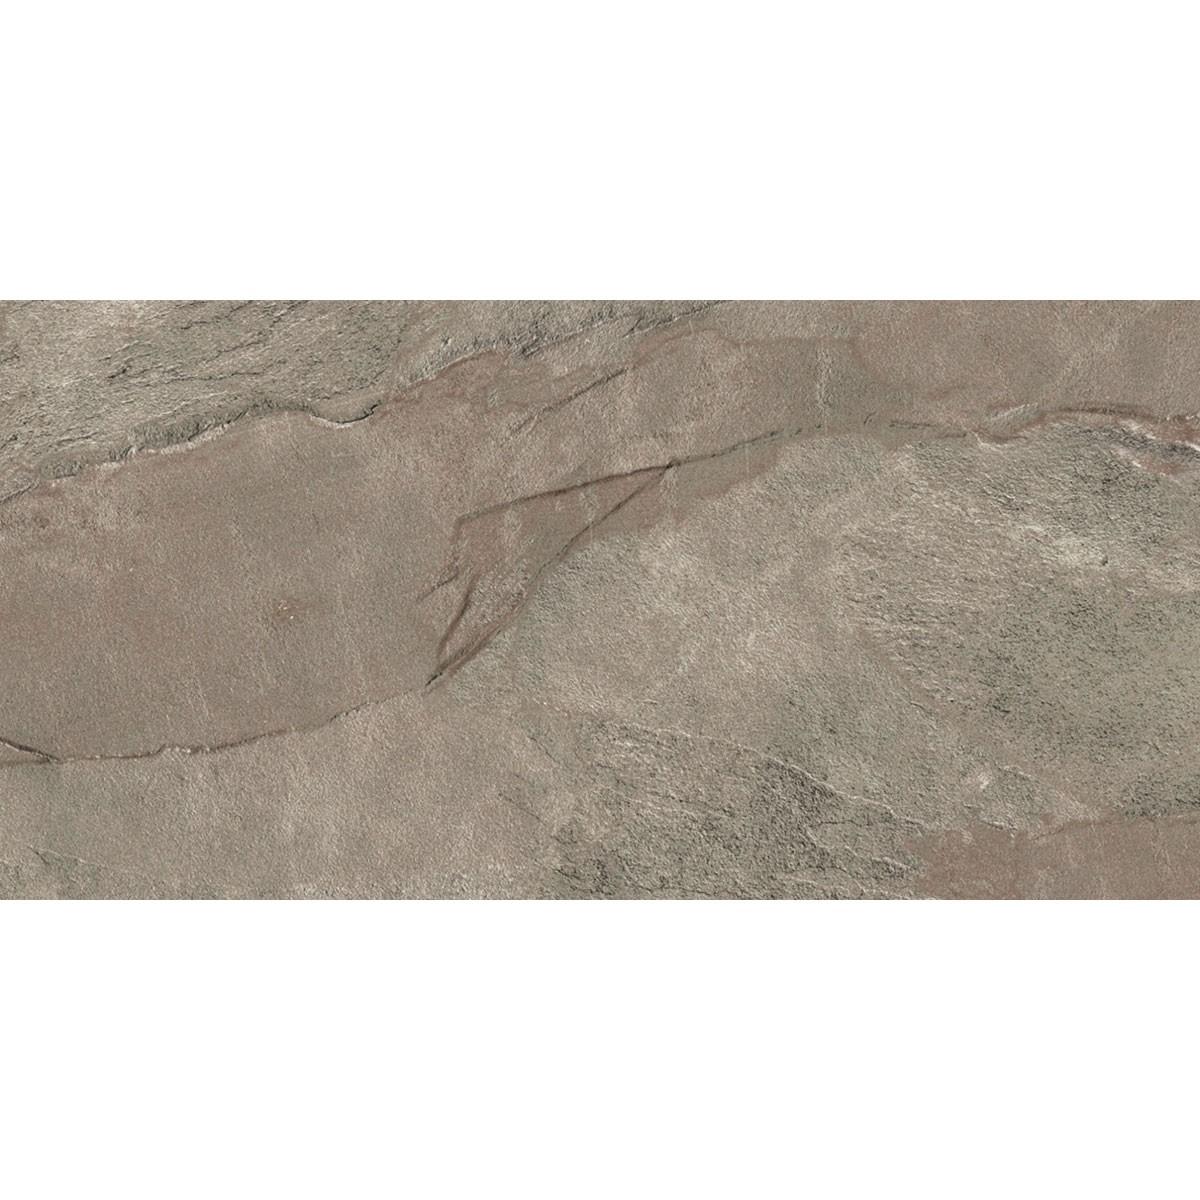 24 x 12 In. Gray Porcelain Floor Tile - 8 Pcs/Case (15.50 sq.ft/Case) (MO60D)